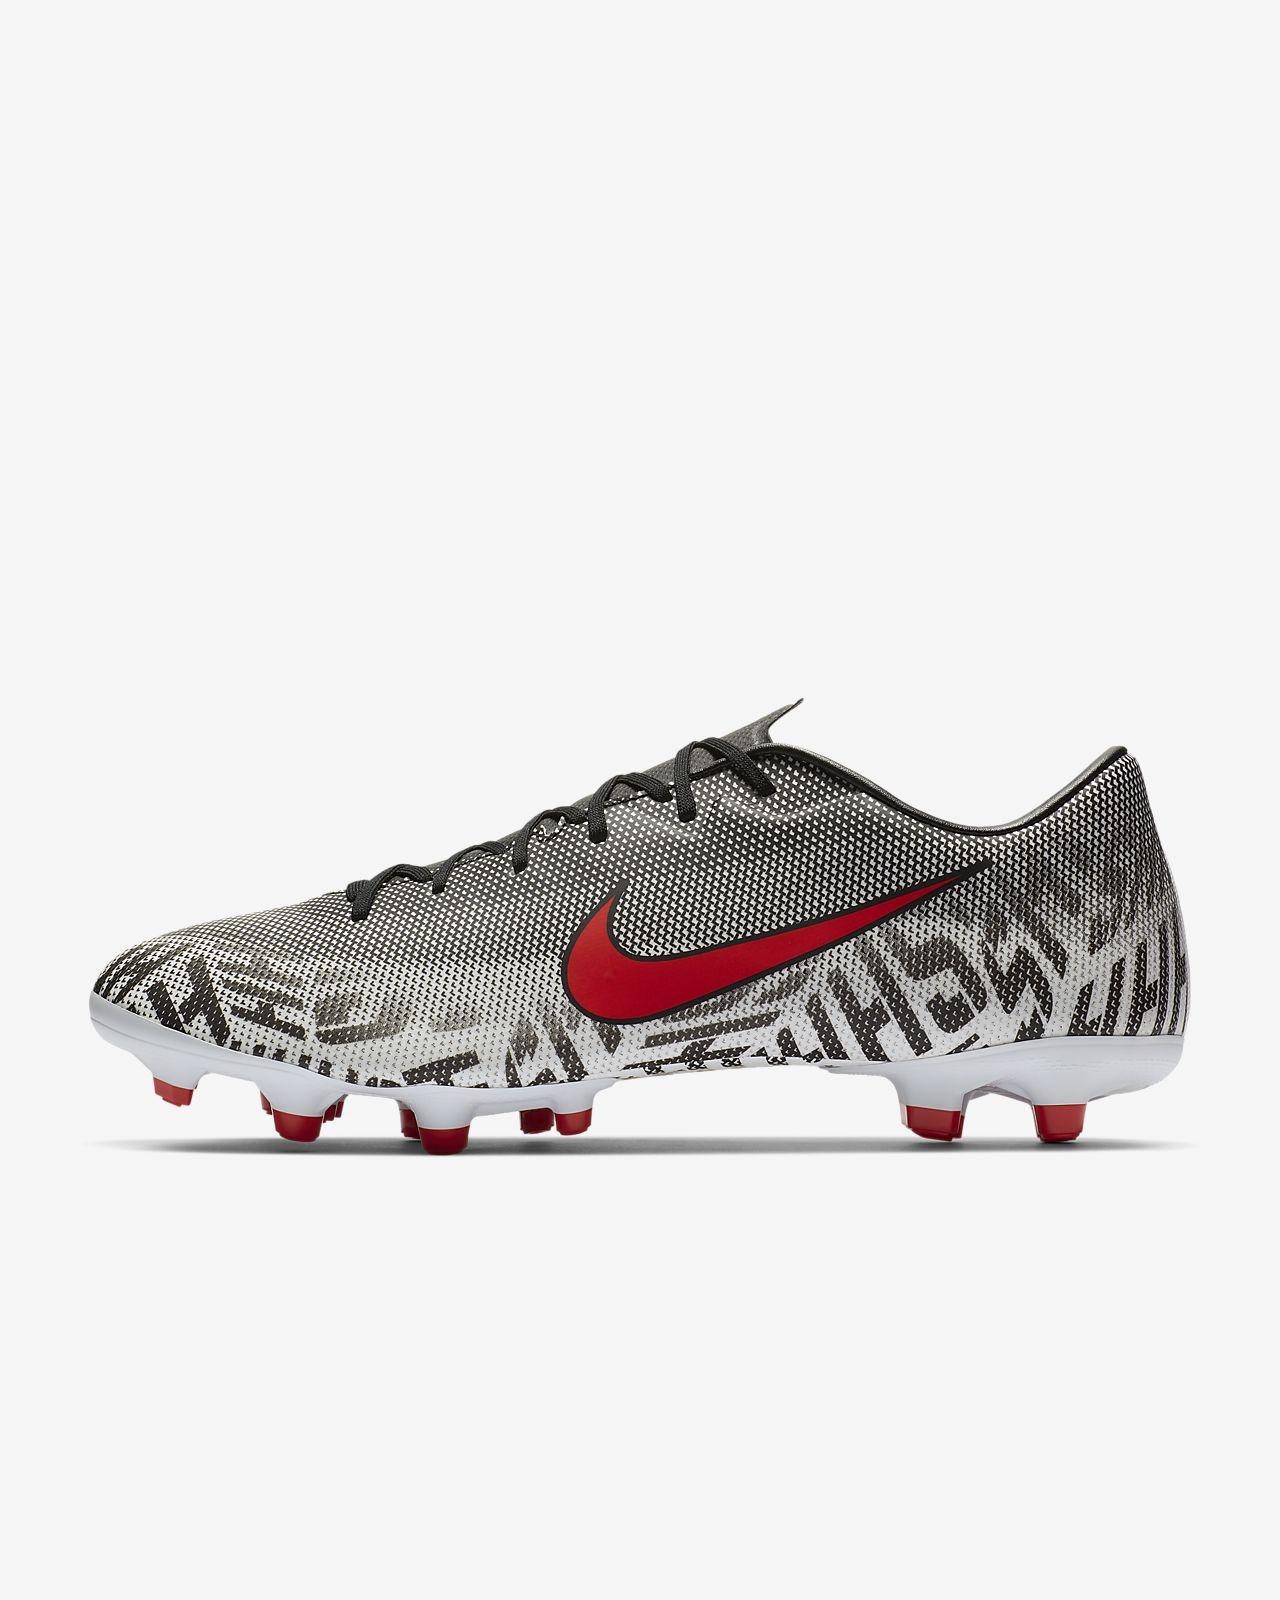 the latest 99776 b4037 ... Nike Mercurial Vapor XII Academy Neymar fotballsko til flere underlag